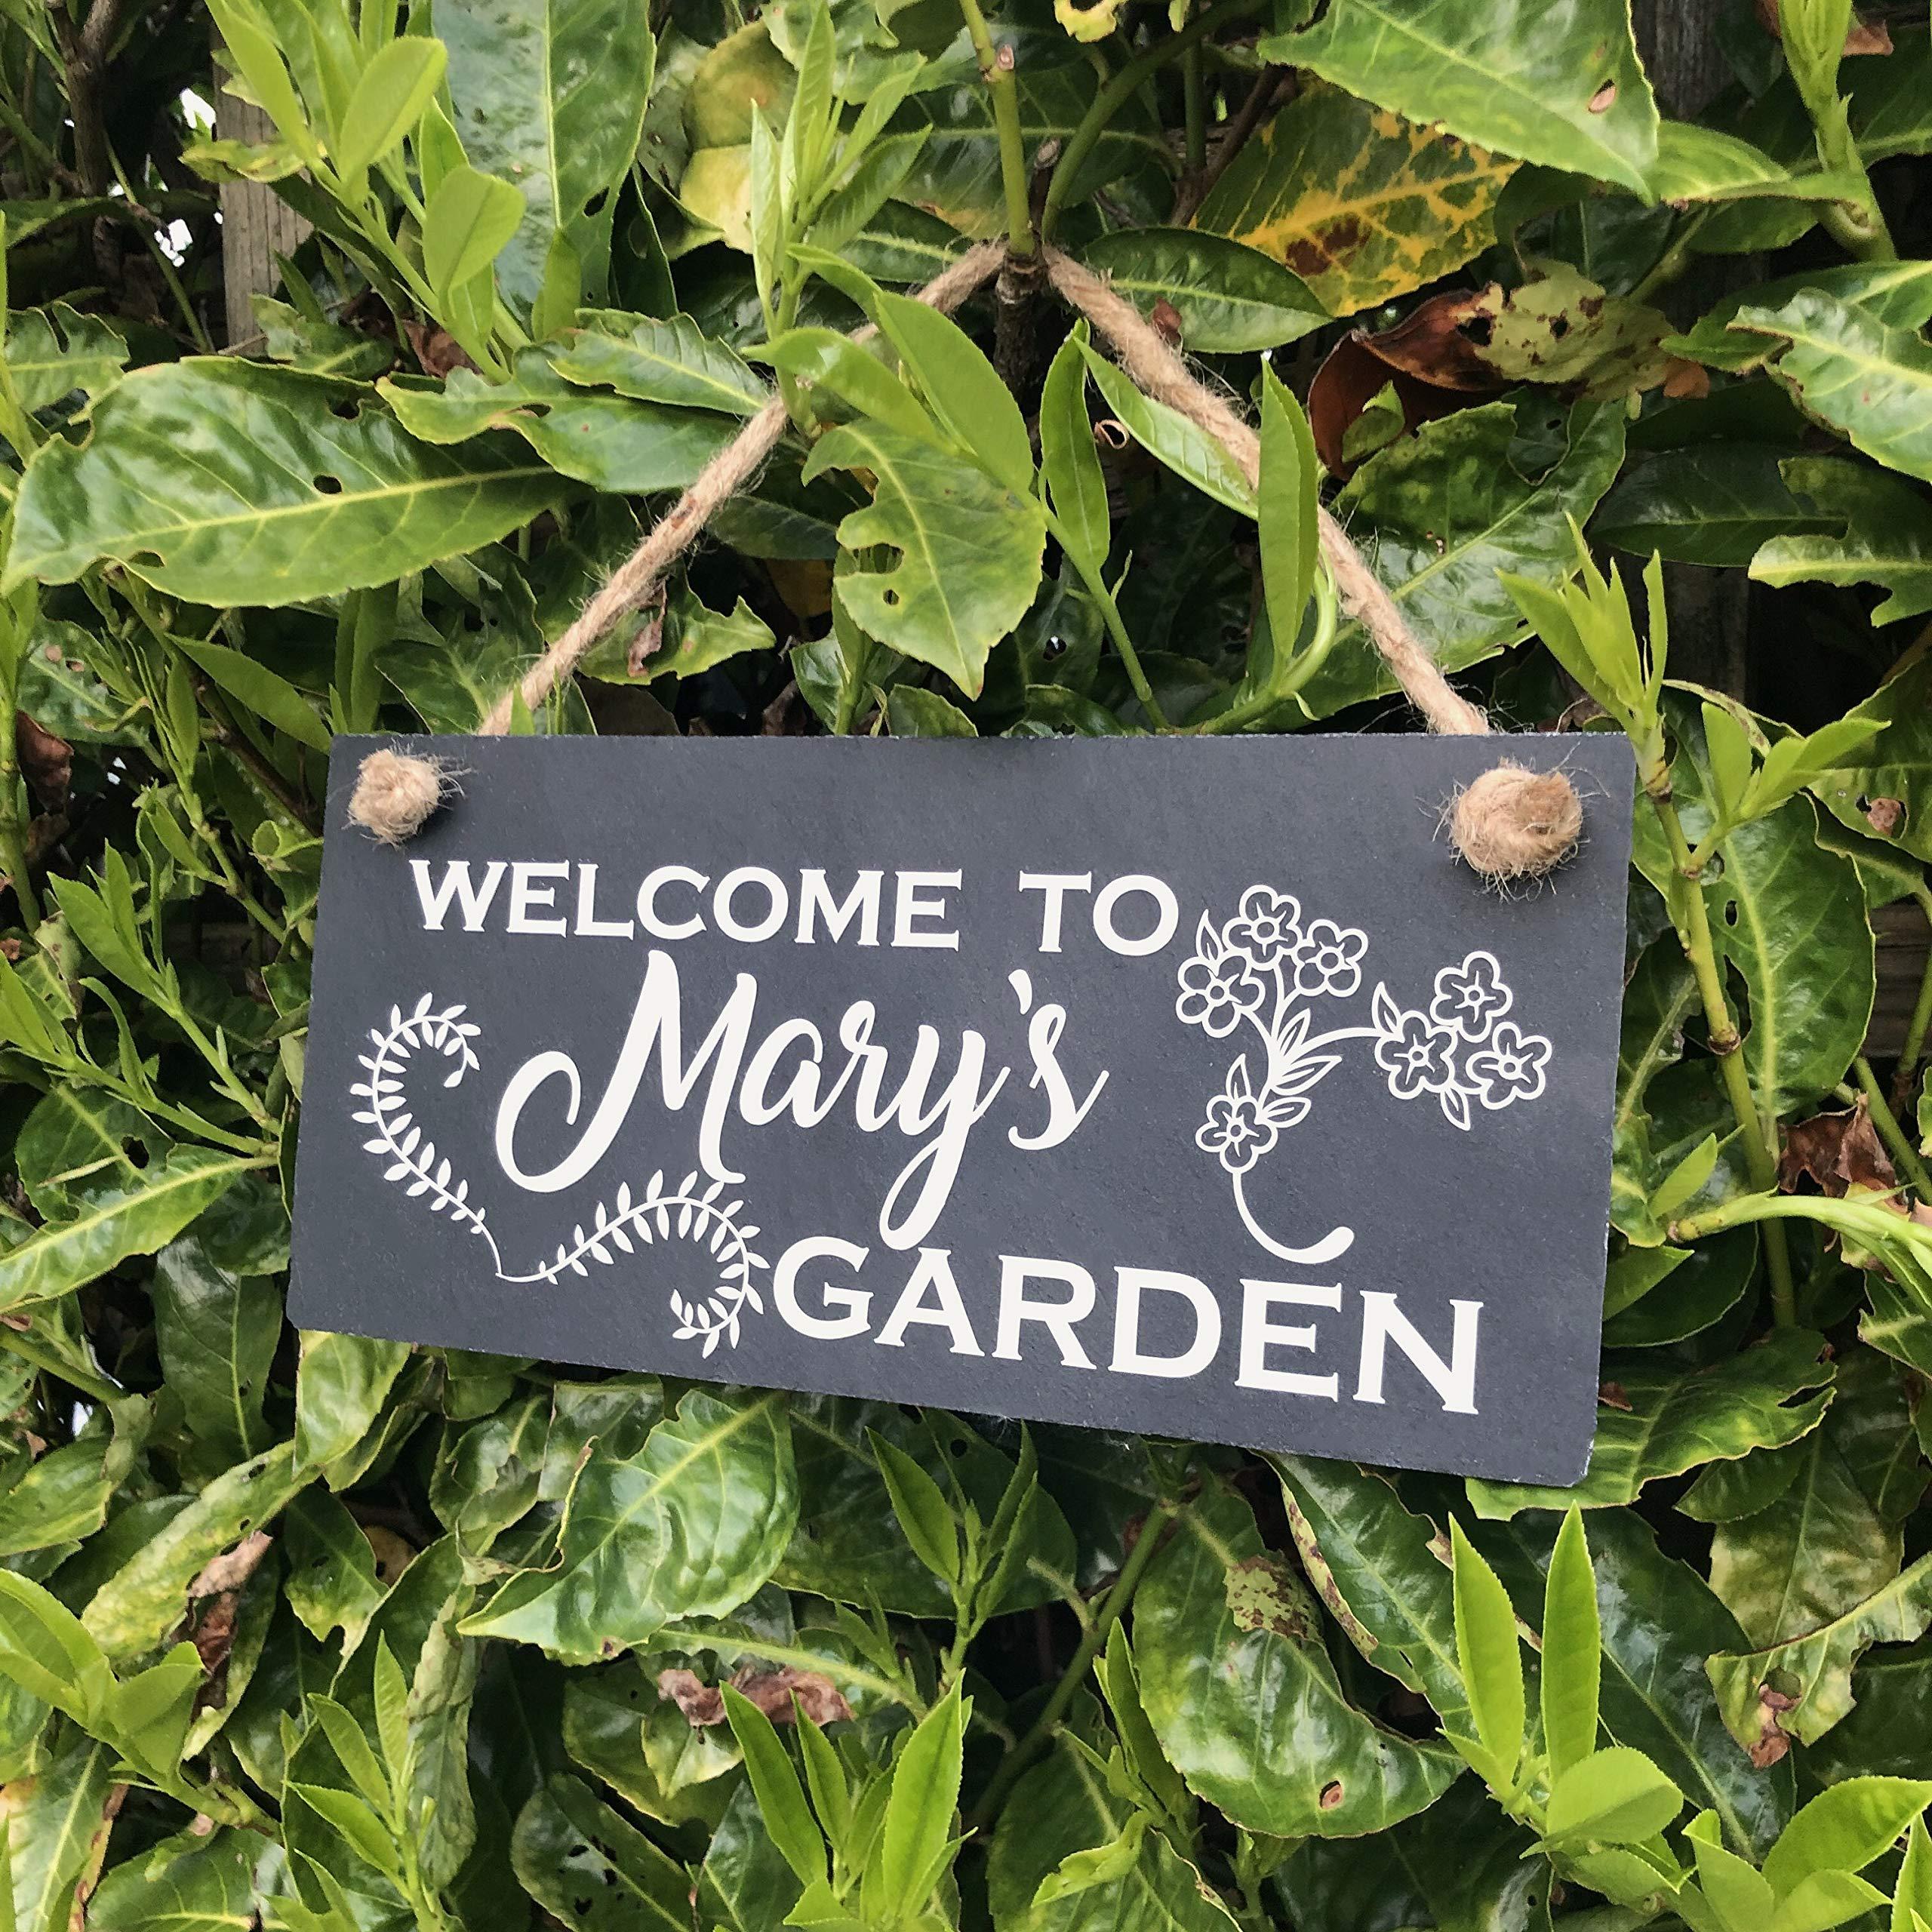 SIGNS Carteles Personalizables para jardín, decoración de jardín, jardín rústico con Texto en inglés «Welcome to my Garden Gate Gardeners»: Amazon.es: Hogar